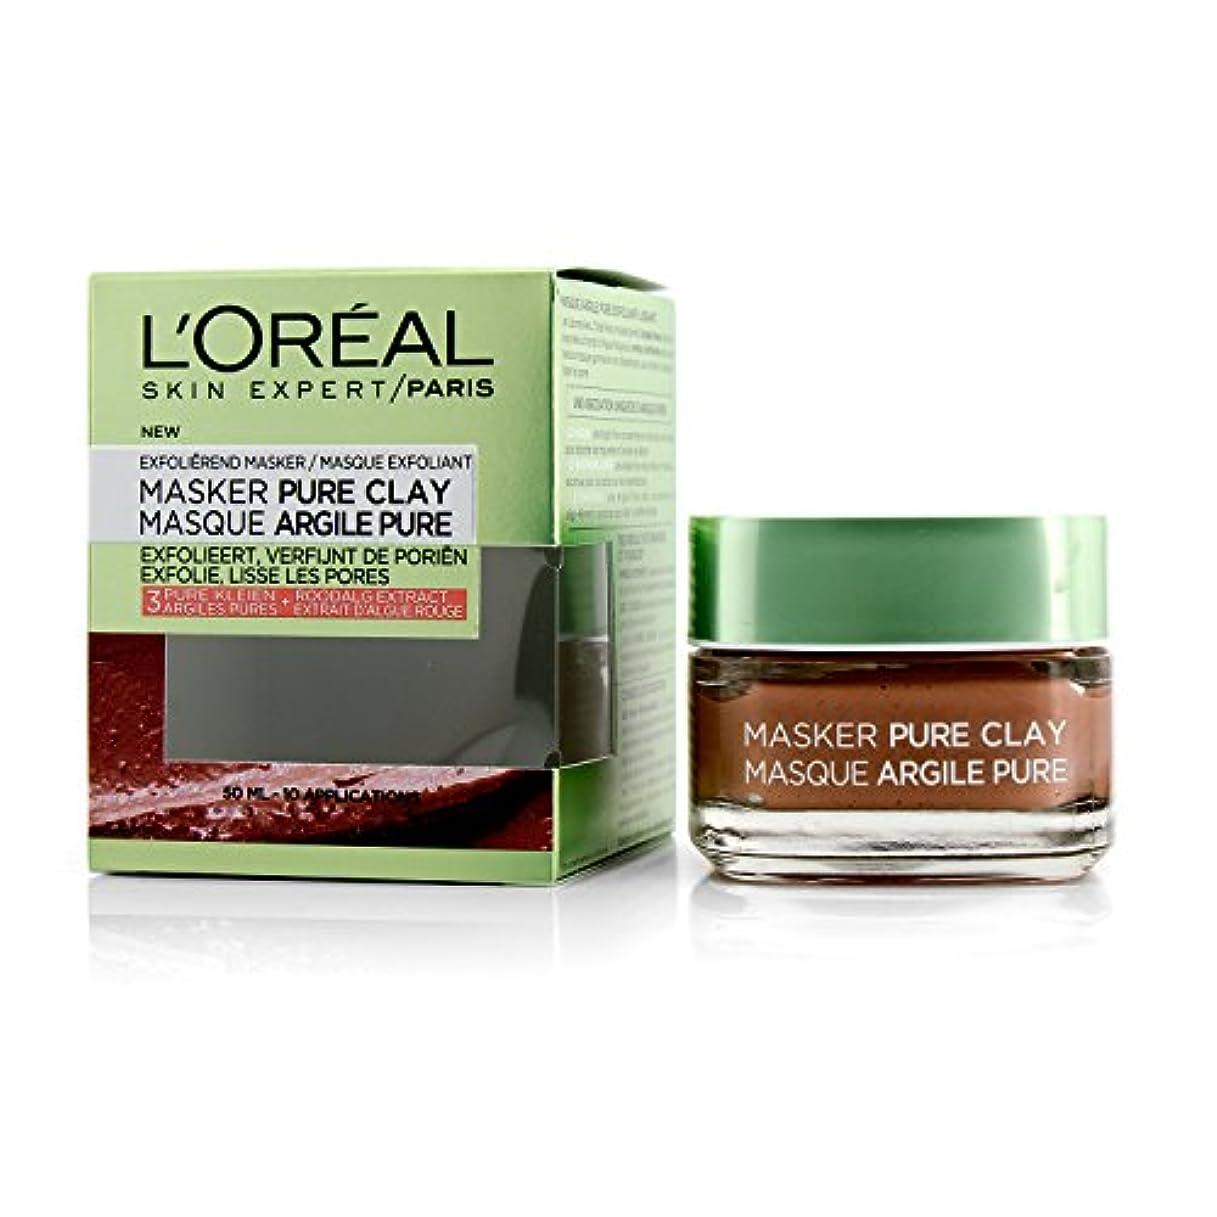 プロフェッショナル試用学生ロレアル Skin Expert Pure Clay Mask - Exfoliate & Refine Pores 50ml/1.7oz並行輸入品